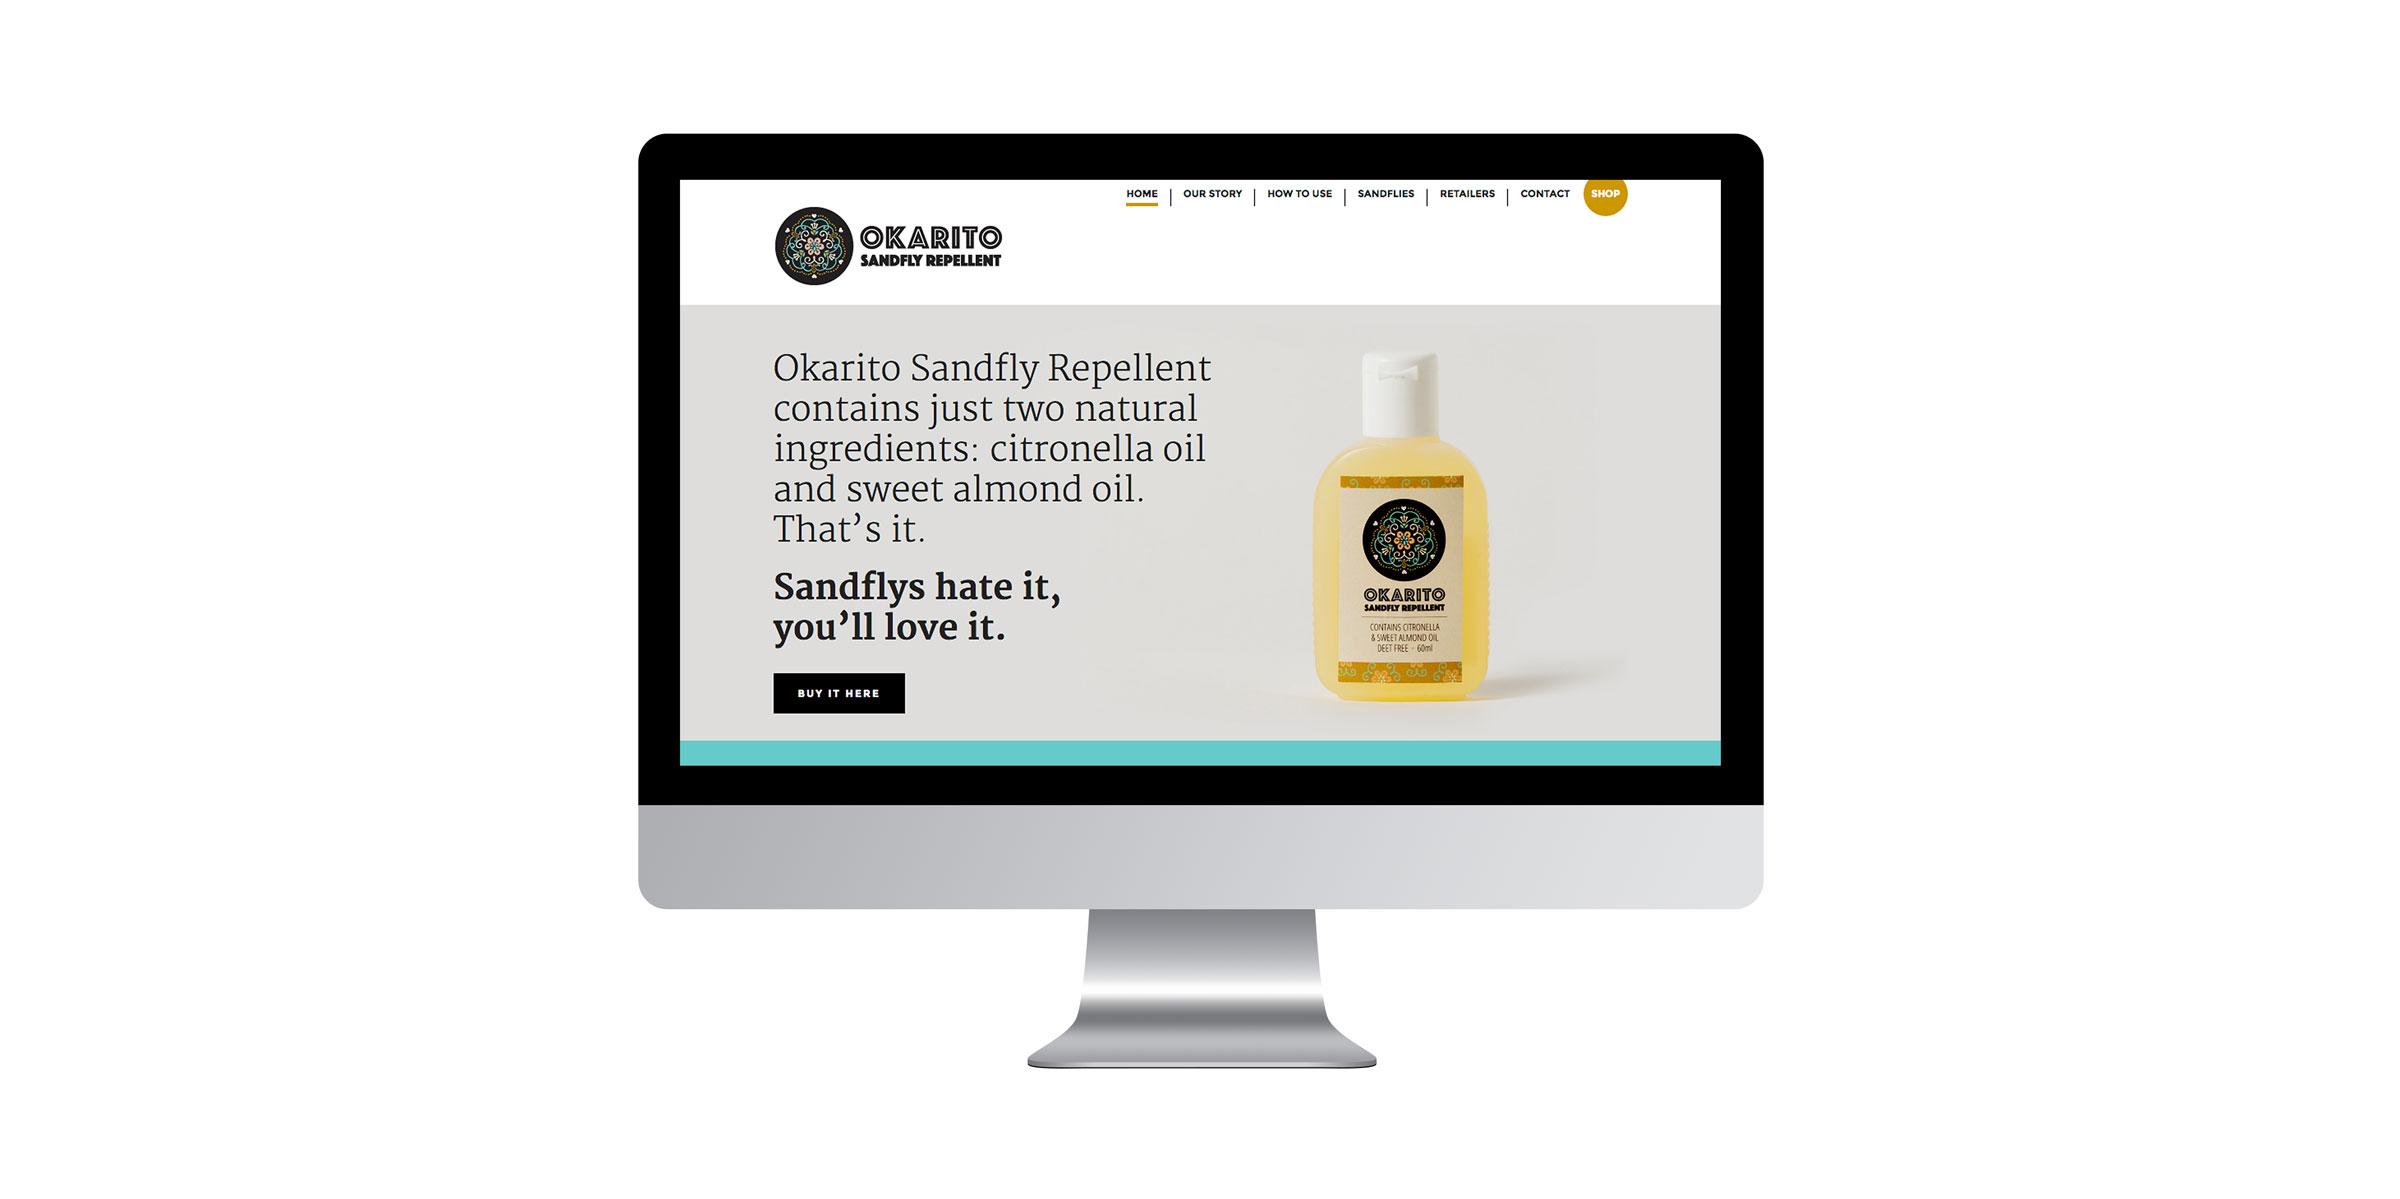 Okarito Sandfly Repellent | Web design